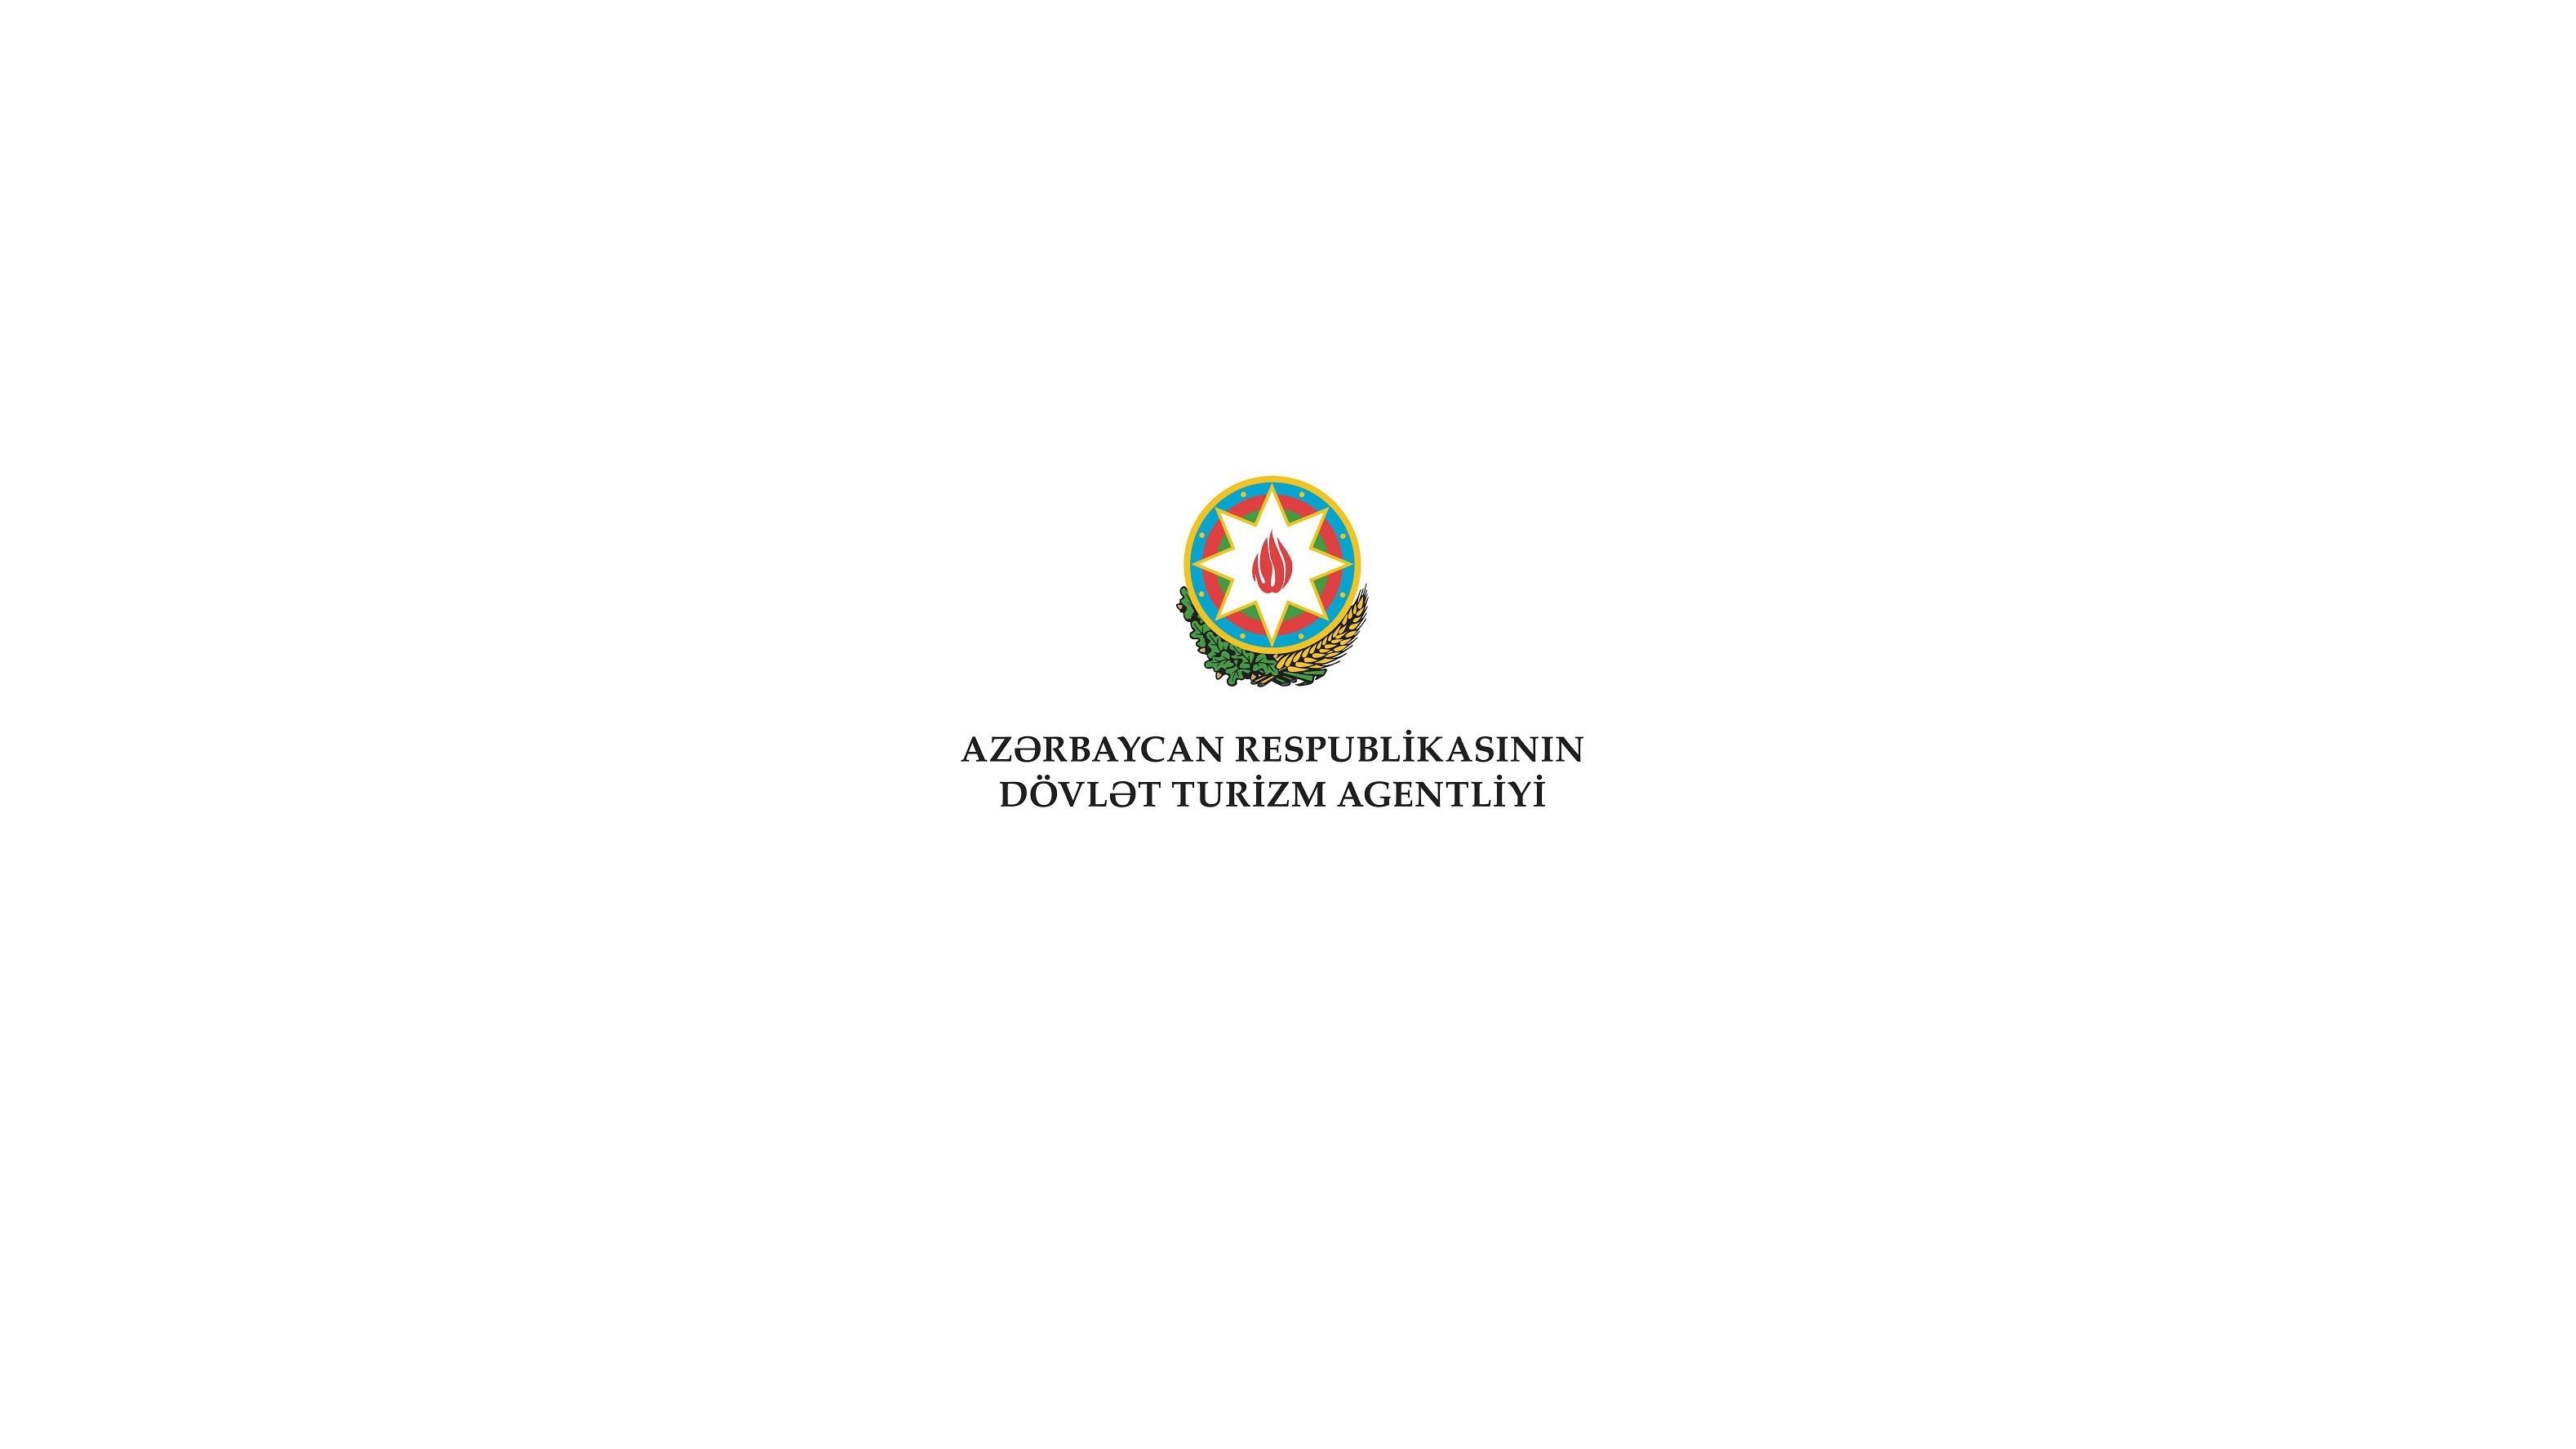 Bakıda pandemiya şəraitində aviasiya və turizm sahələrinin əməkdaşlığı müzakirə olunub